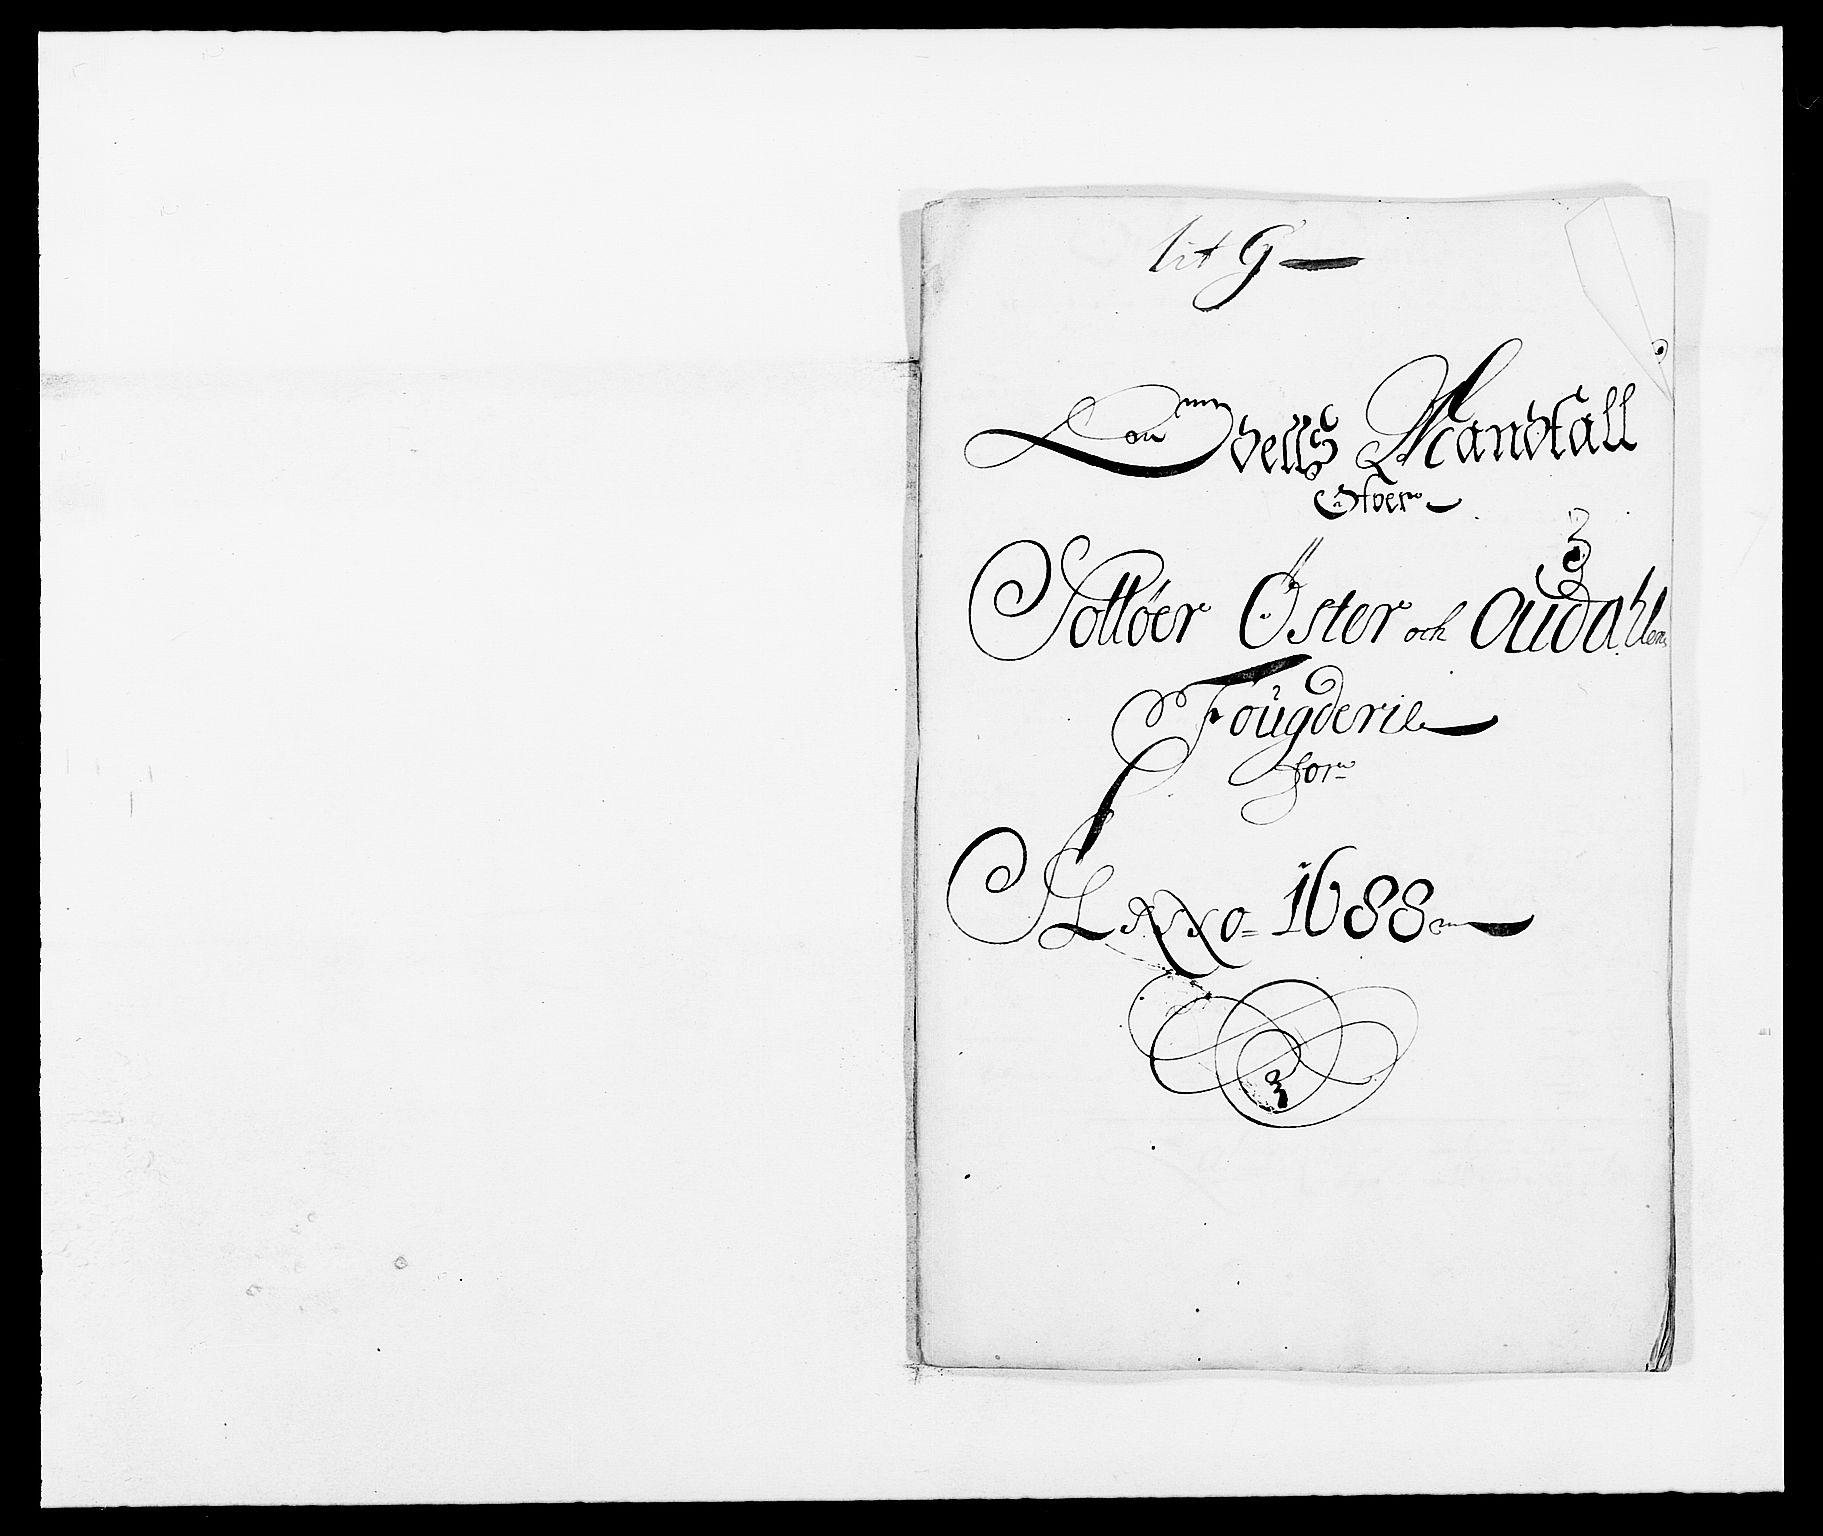 RA, Rentekammeret inntil 1814, Reviderte regnskaper, Fogderegnskap, R13/L0825: Fogderegnskap Solør, Odal og Østerdal, 1688, s. 207